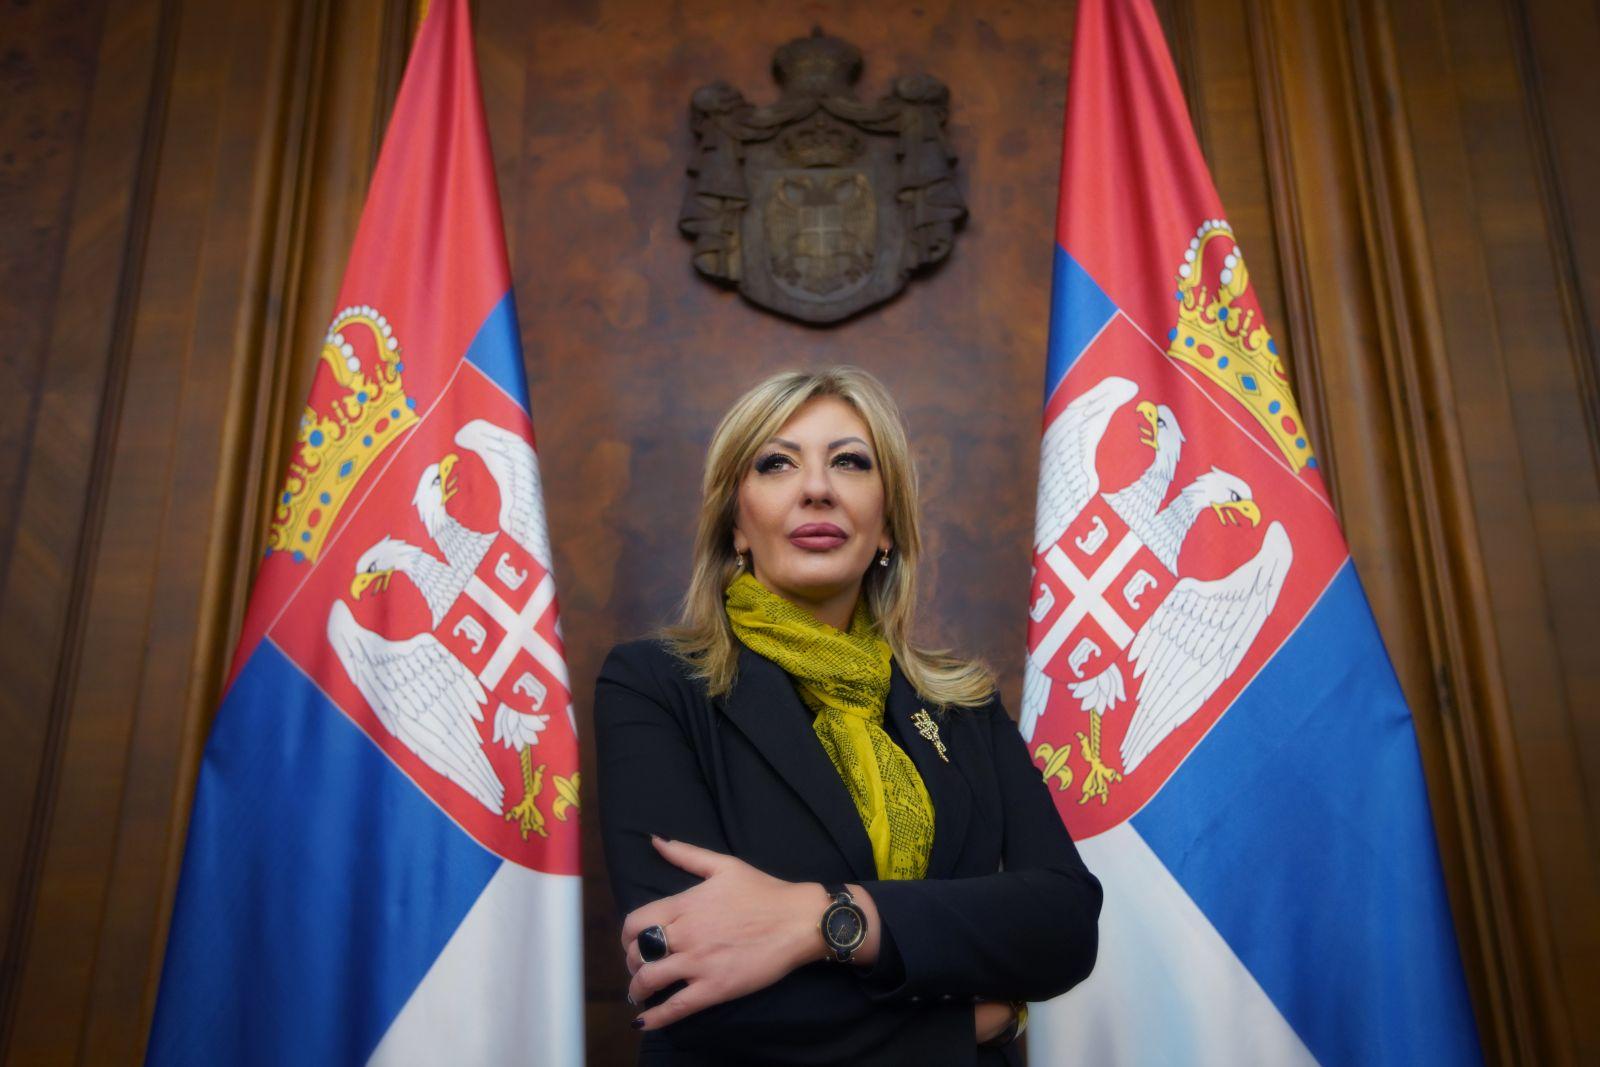 Ј. Јоксимовић: ЕУ фондови доприносе обнови културног и верског наслеђа у Србији